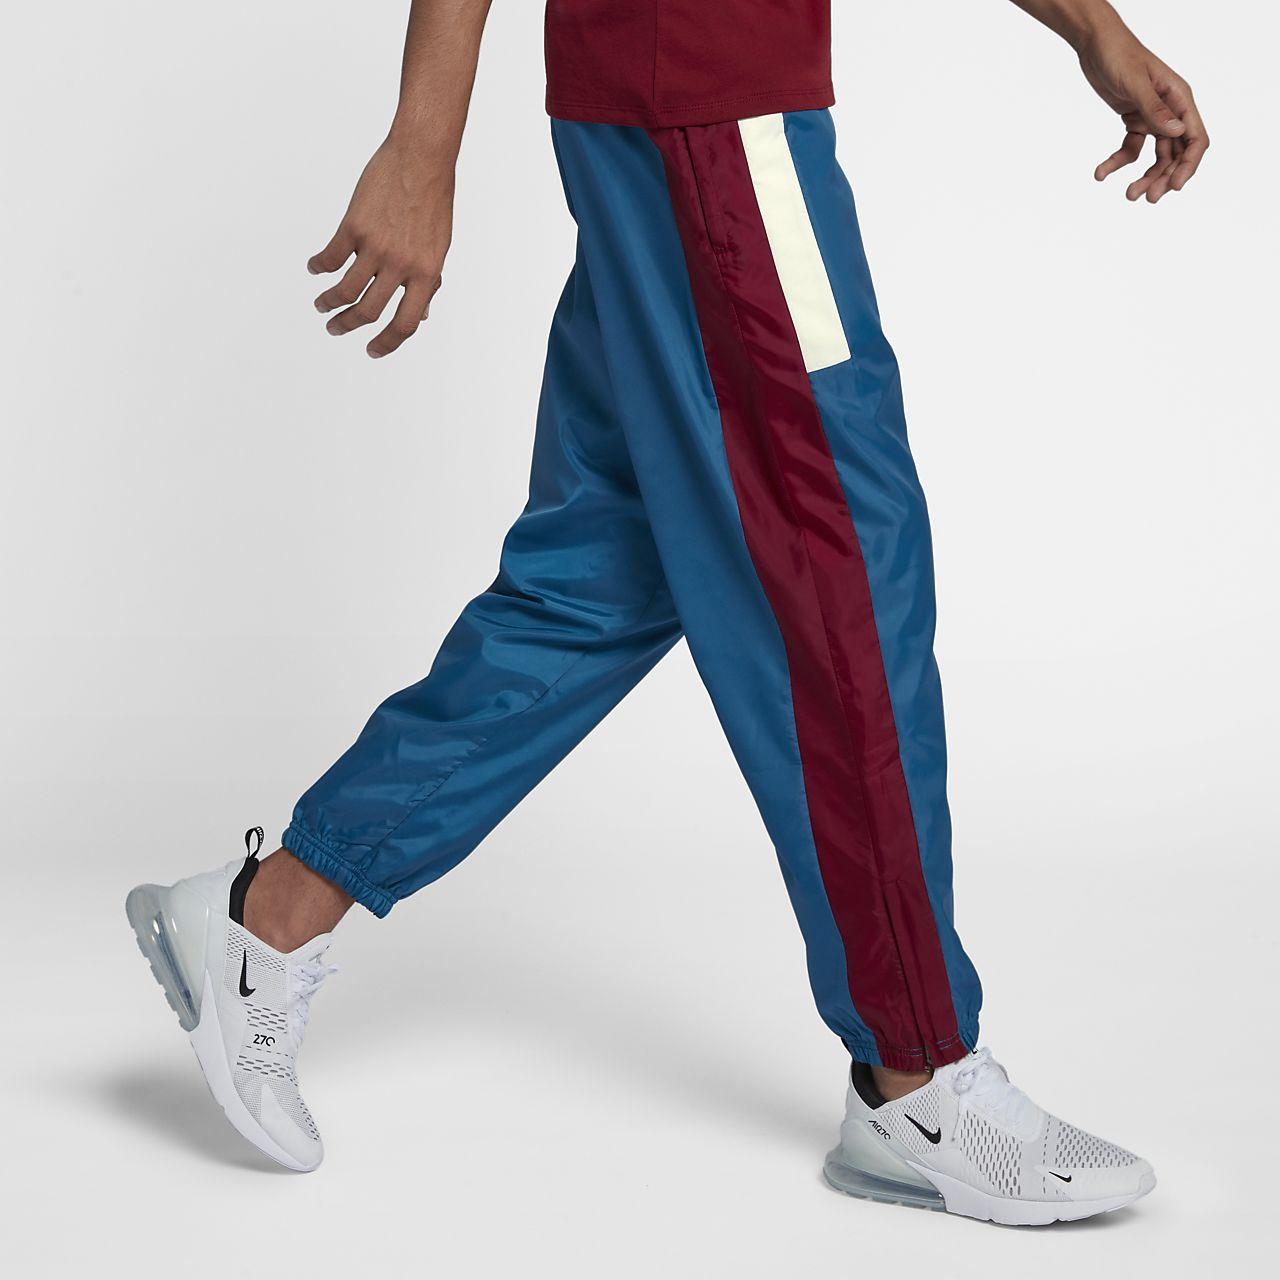 Nike Geweven Sportswear Nike Be Sportswear Geweven Broek Broek Sportswear Nike Be 6qqXE